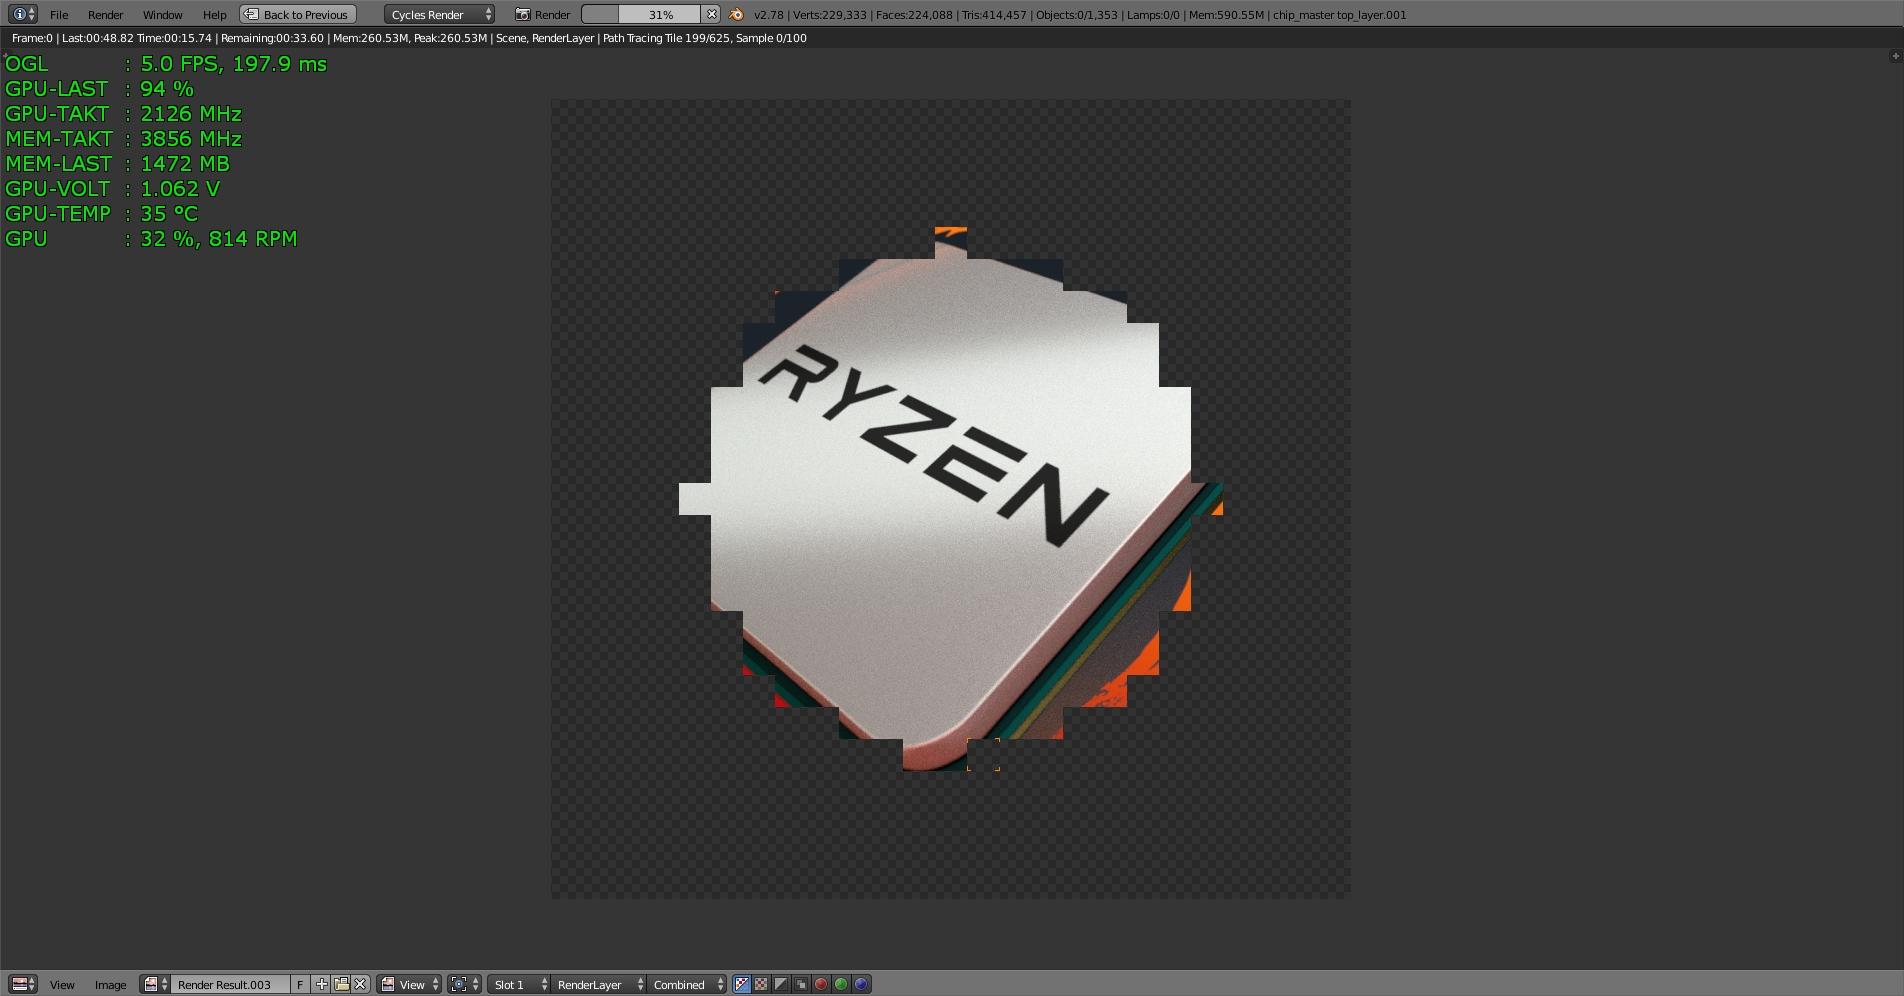 Klicke auf die Grafik für eine größere Ansicht  Name:Blender 2.78a Test-RYZEN 100 Samples mit MSI GTX 1070 -1-.jpg Hits:124 Größe:423,2 KB ID:596524